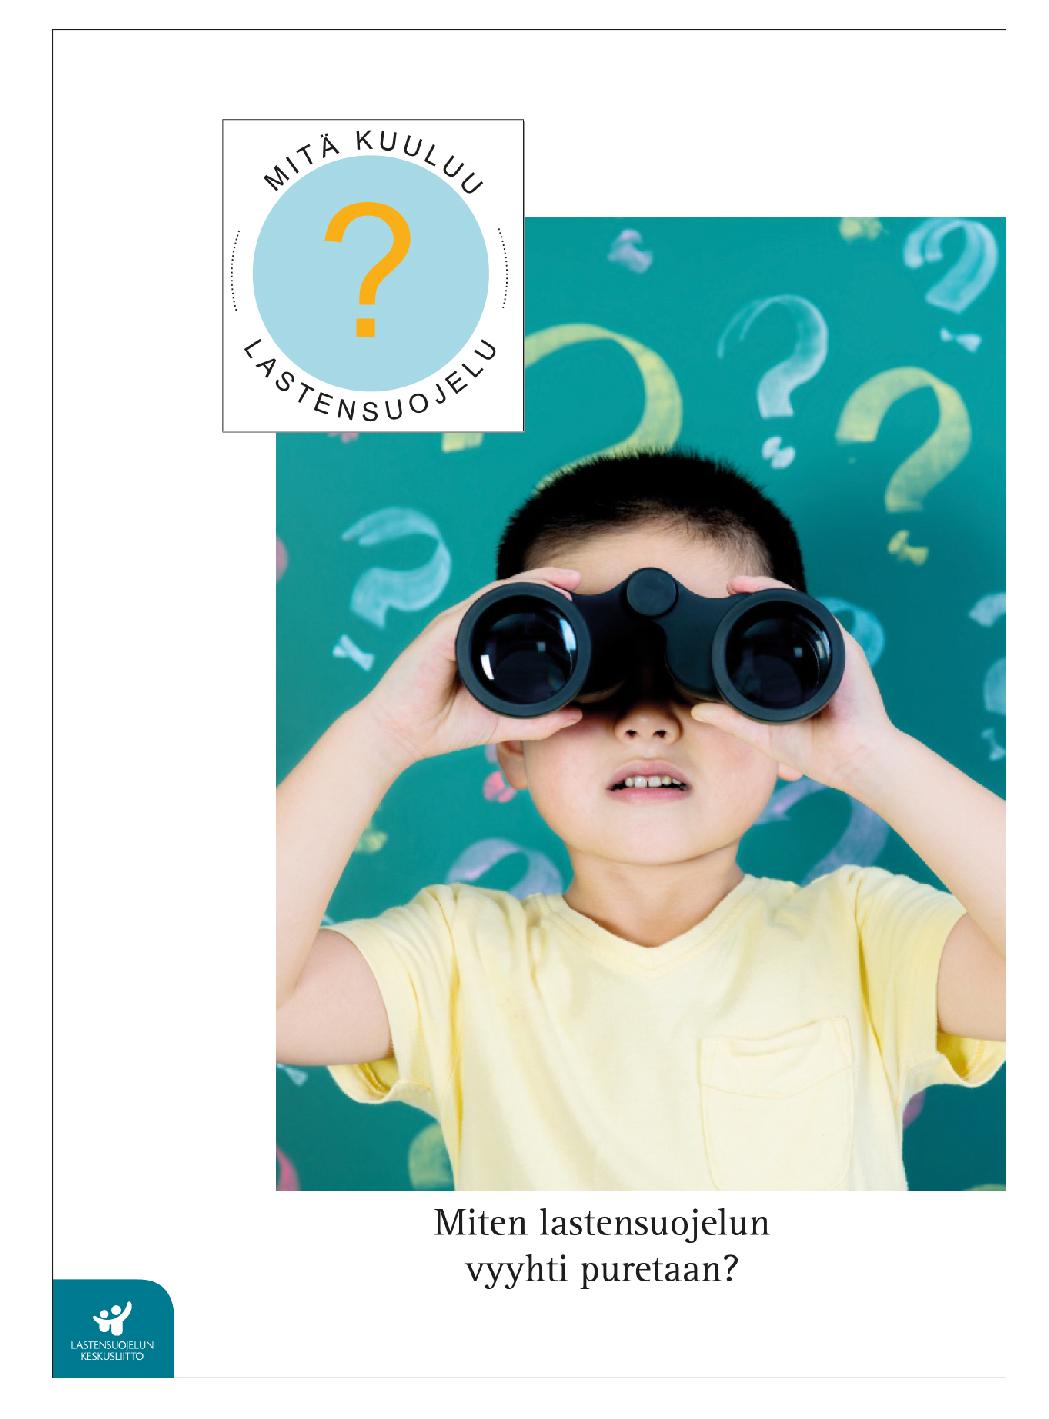 Miten lastensuojelun vyyhti puretaan?